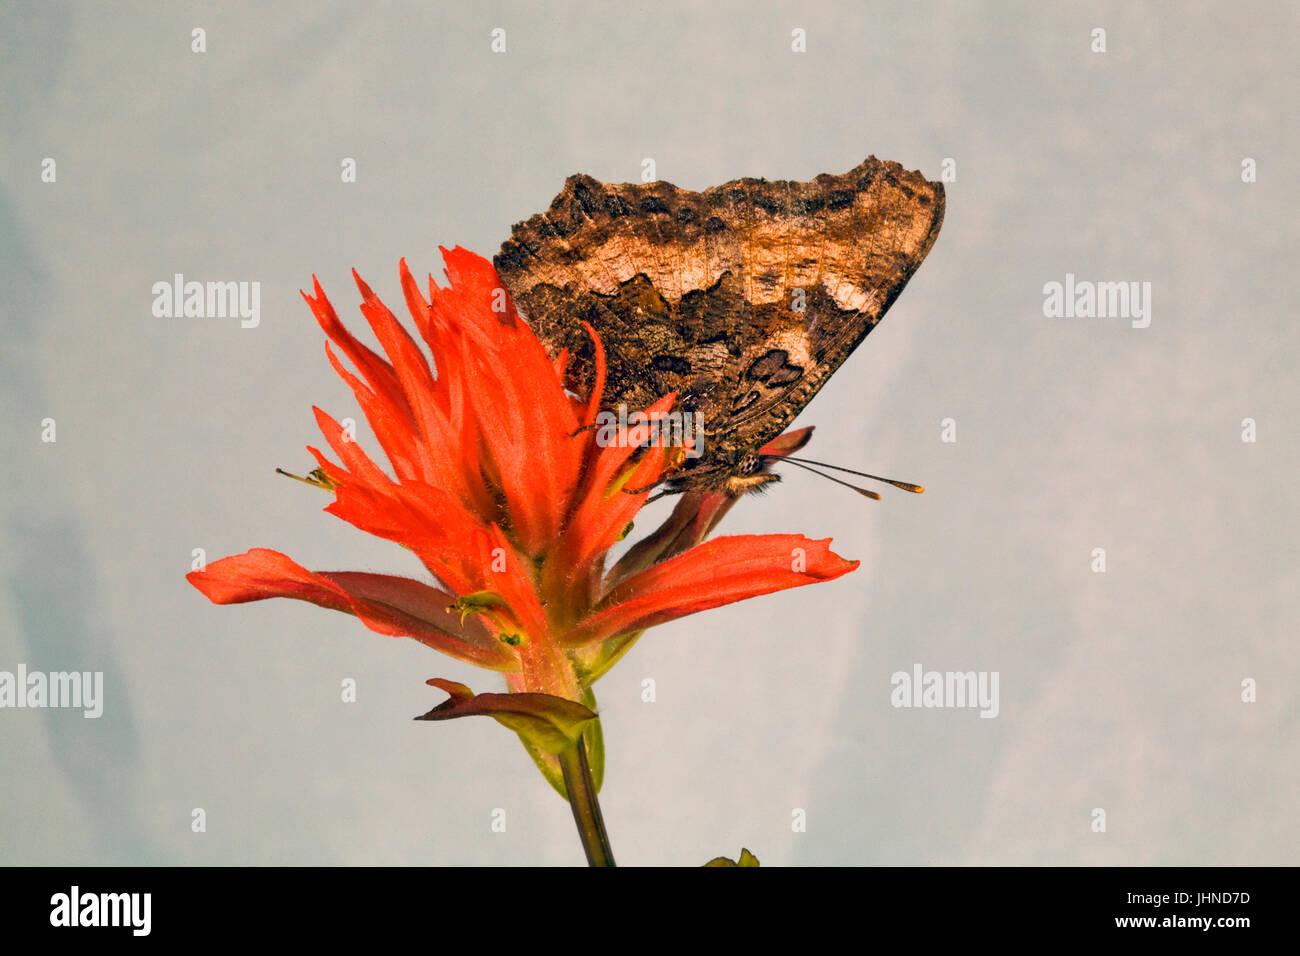 Una California Tortiseshell Butterfly, también conocido como un caparazón de tortuga occidental, Nymphalis Imagen De Stock